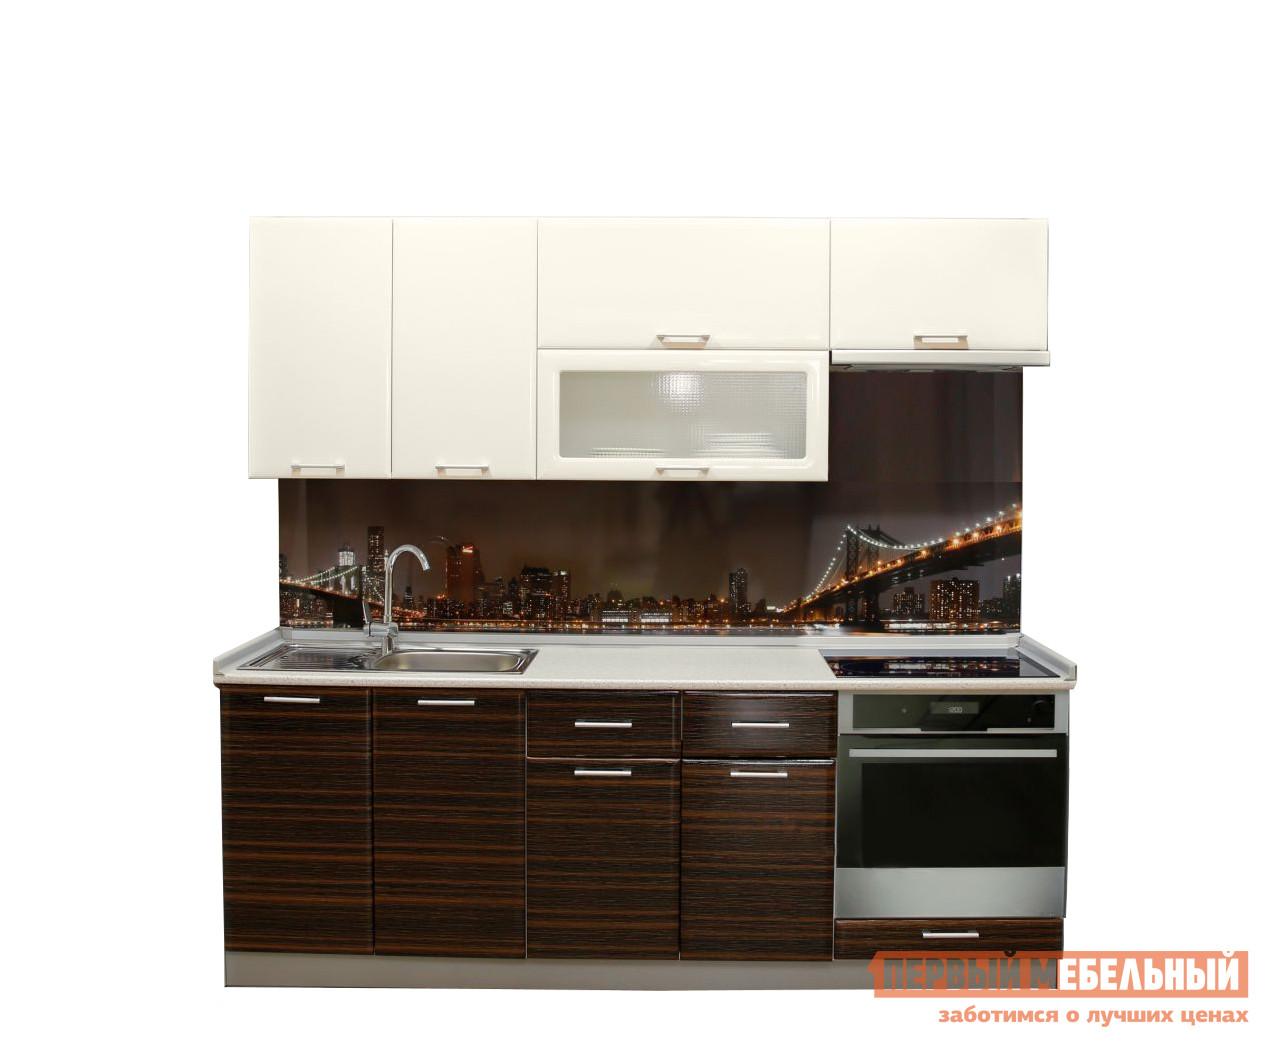 Кухонный гарнитур Мебельсон Яна К10 кухонный гарнитур мебельсон яна к2